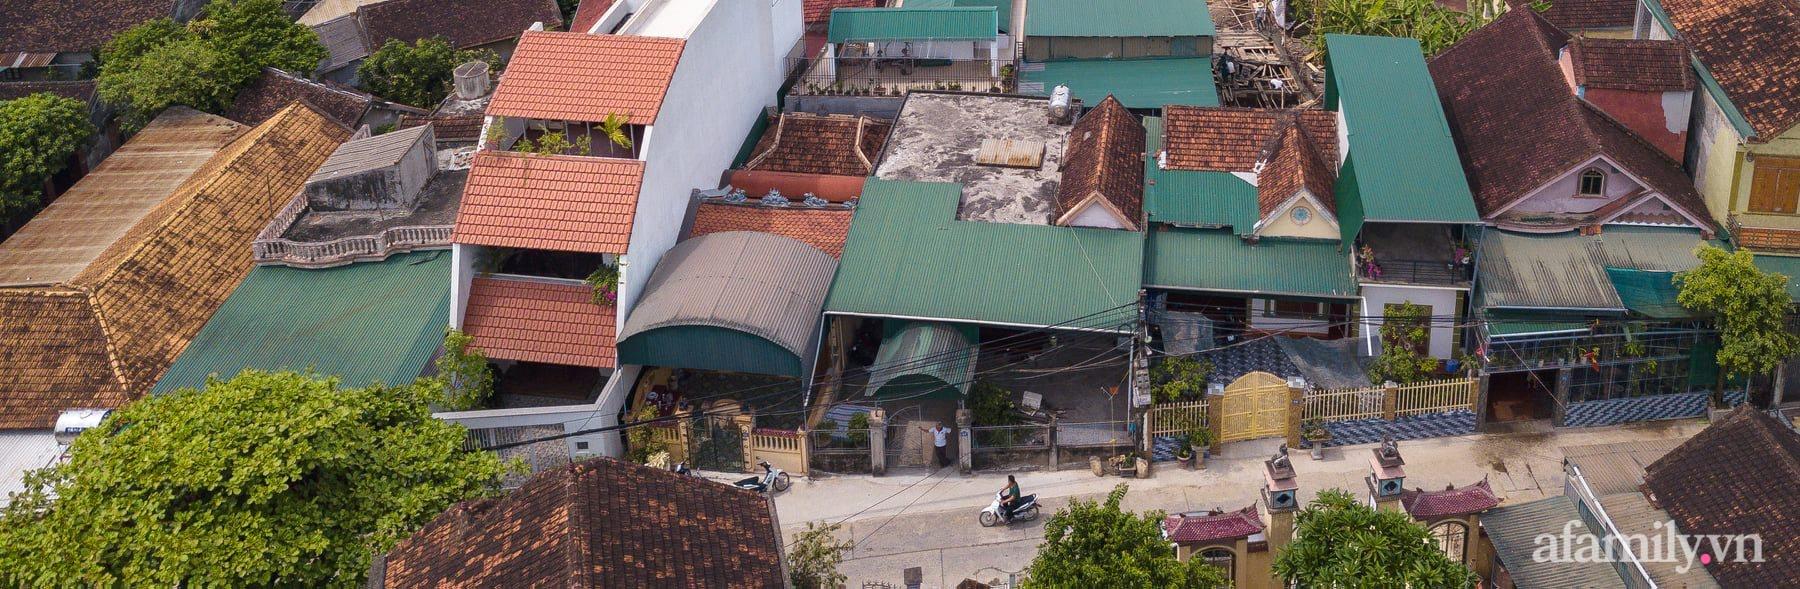 Ngôi nhà ngói gói gọn bình yên với những tiện nghi và hiện đại ở thị trấn nông thôn Nghệ An - Ảnh 2.